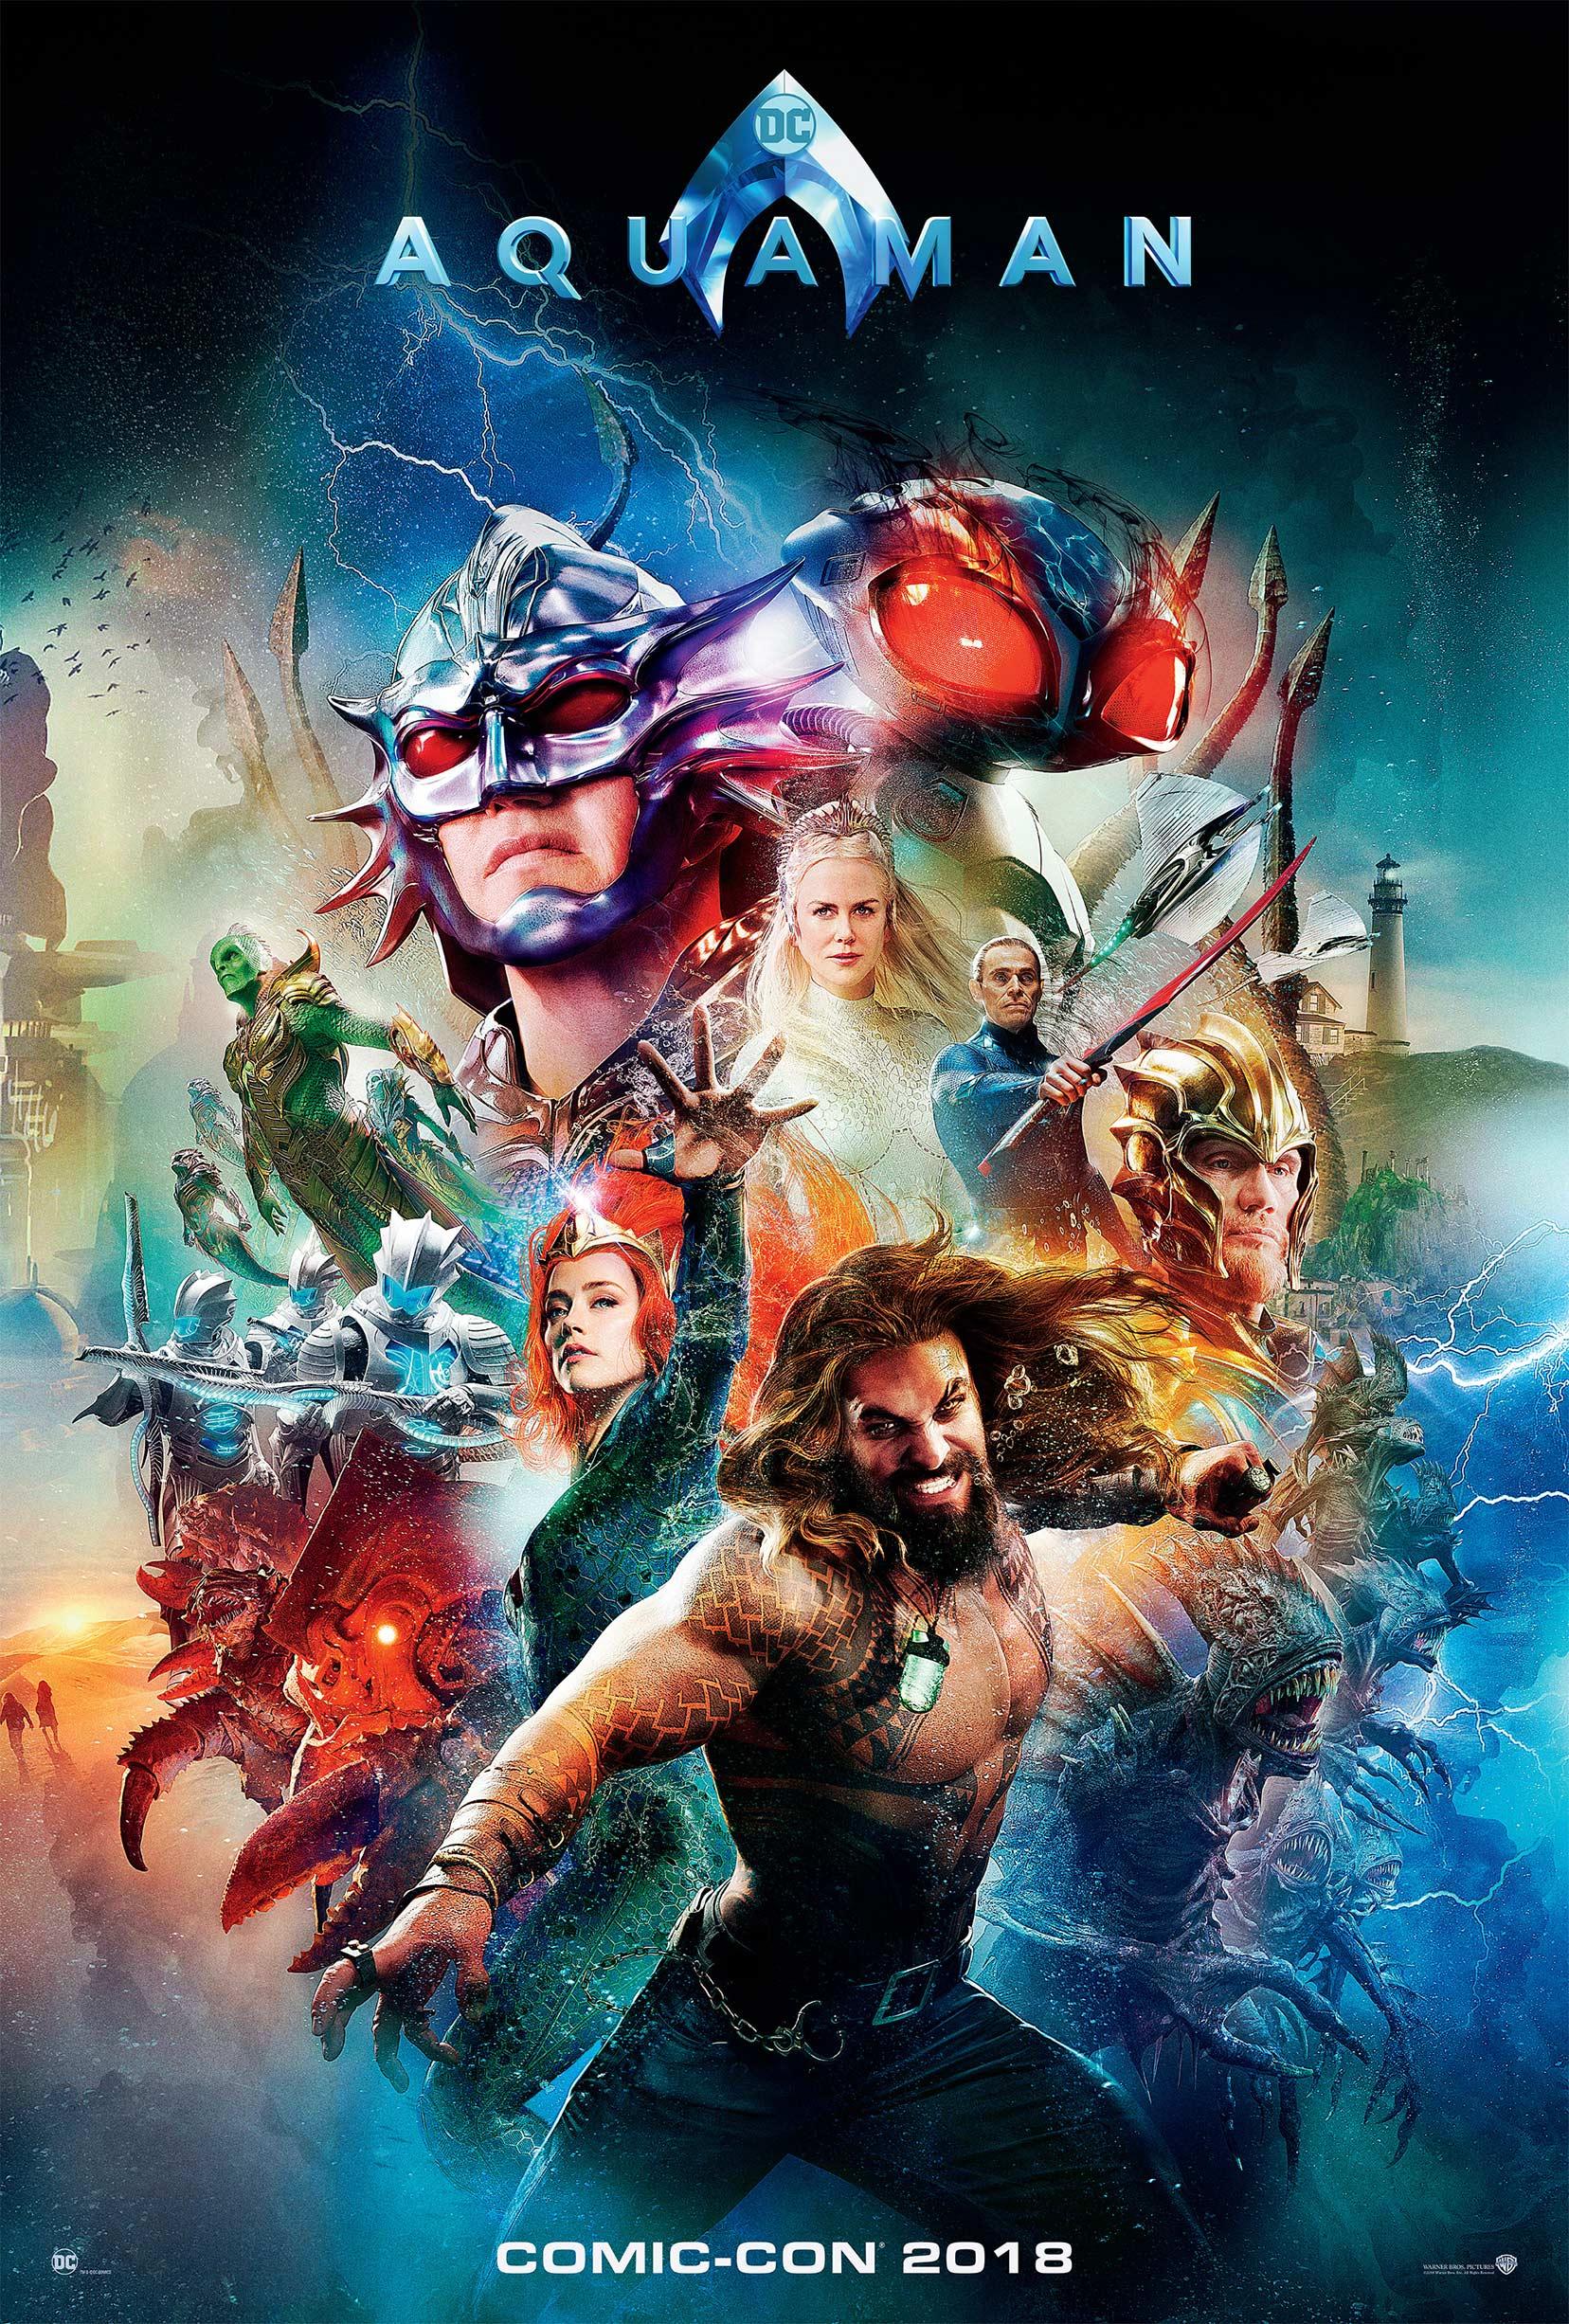 Aquaman Poster #2